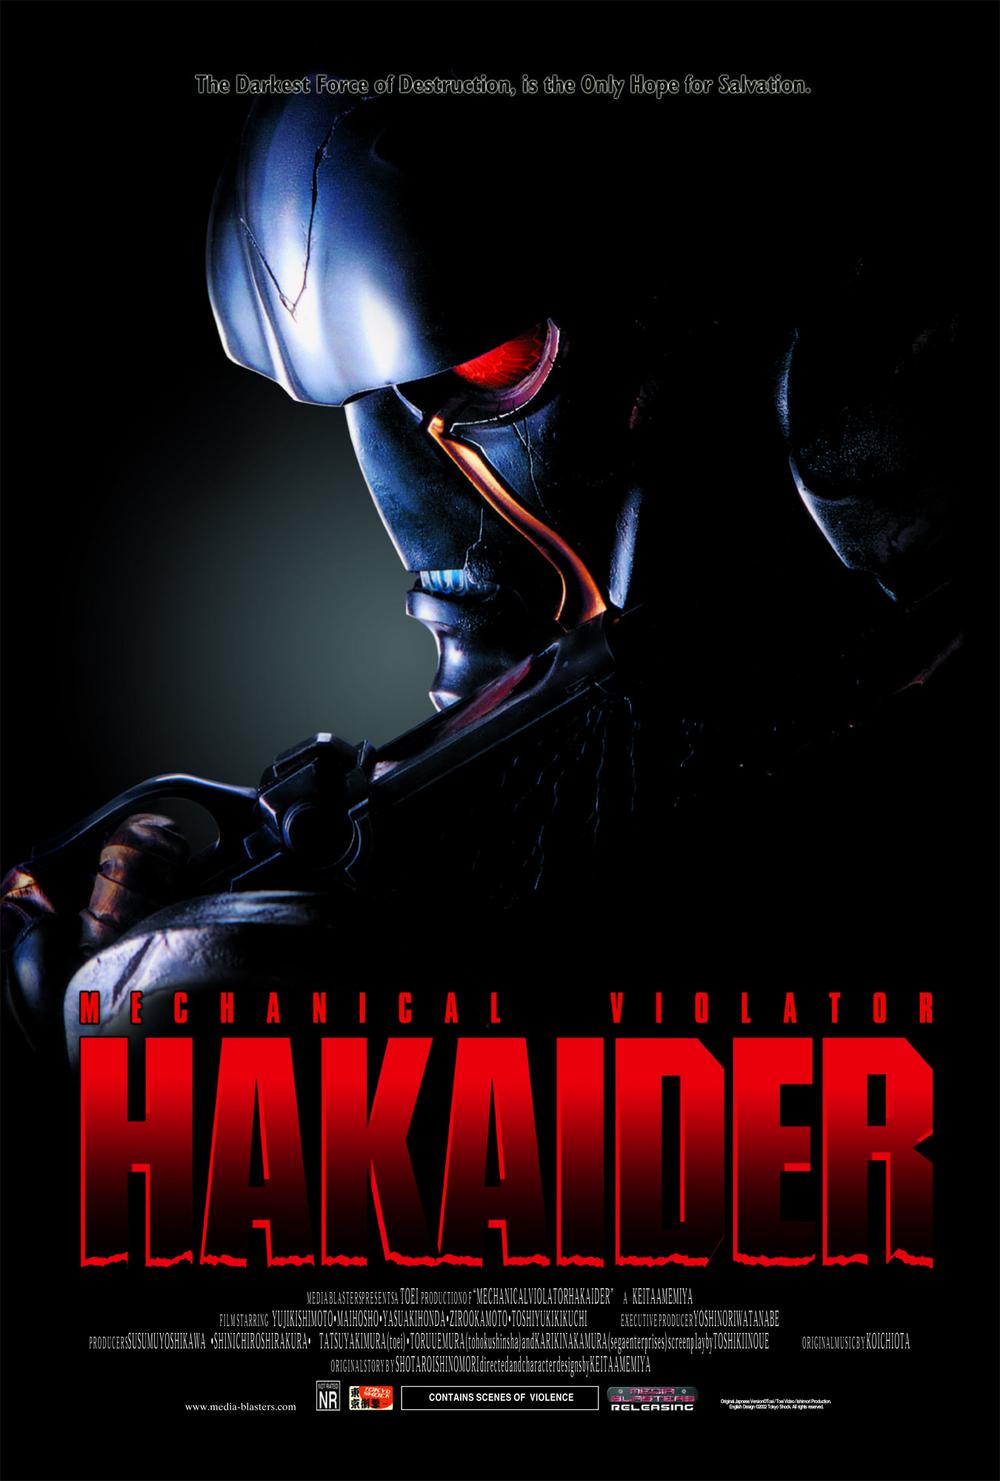 Mechanical Violator Hakaider Theatrical Poster